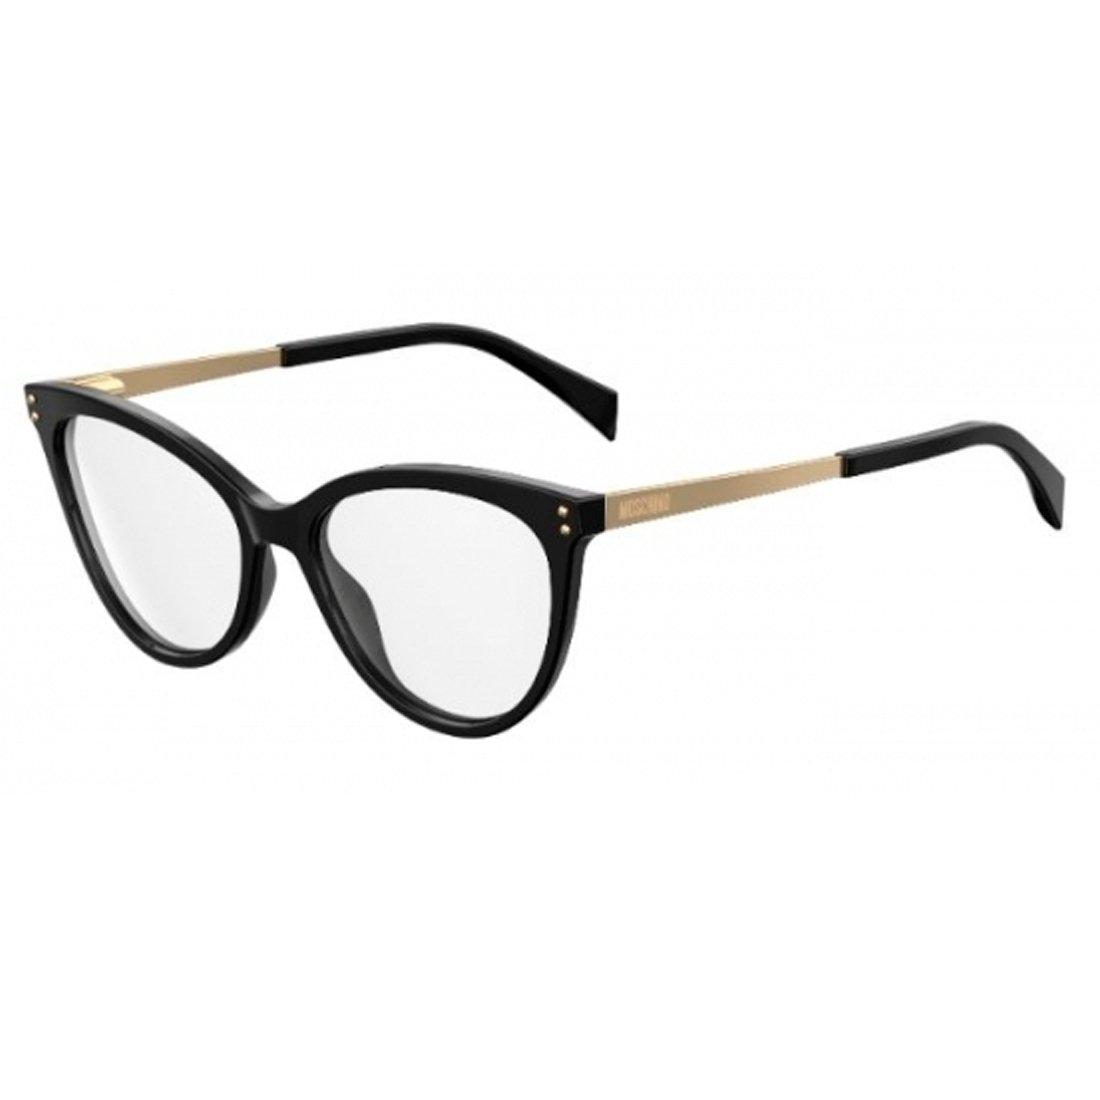 Occhiali da vista Montatura Moschino MOS503 086